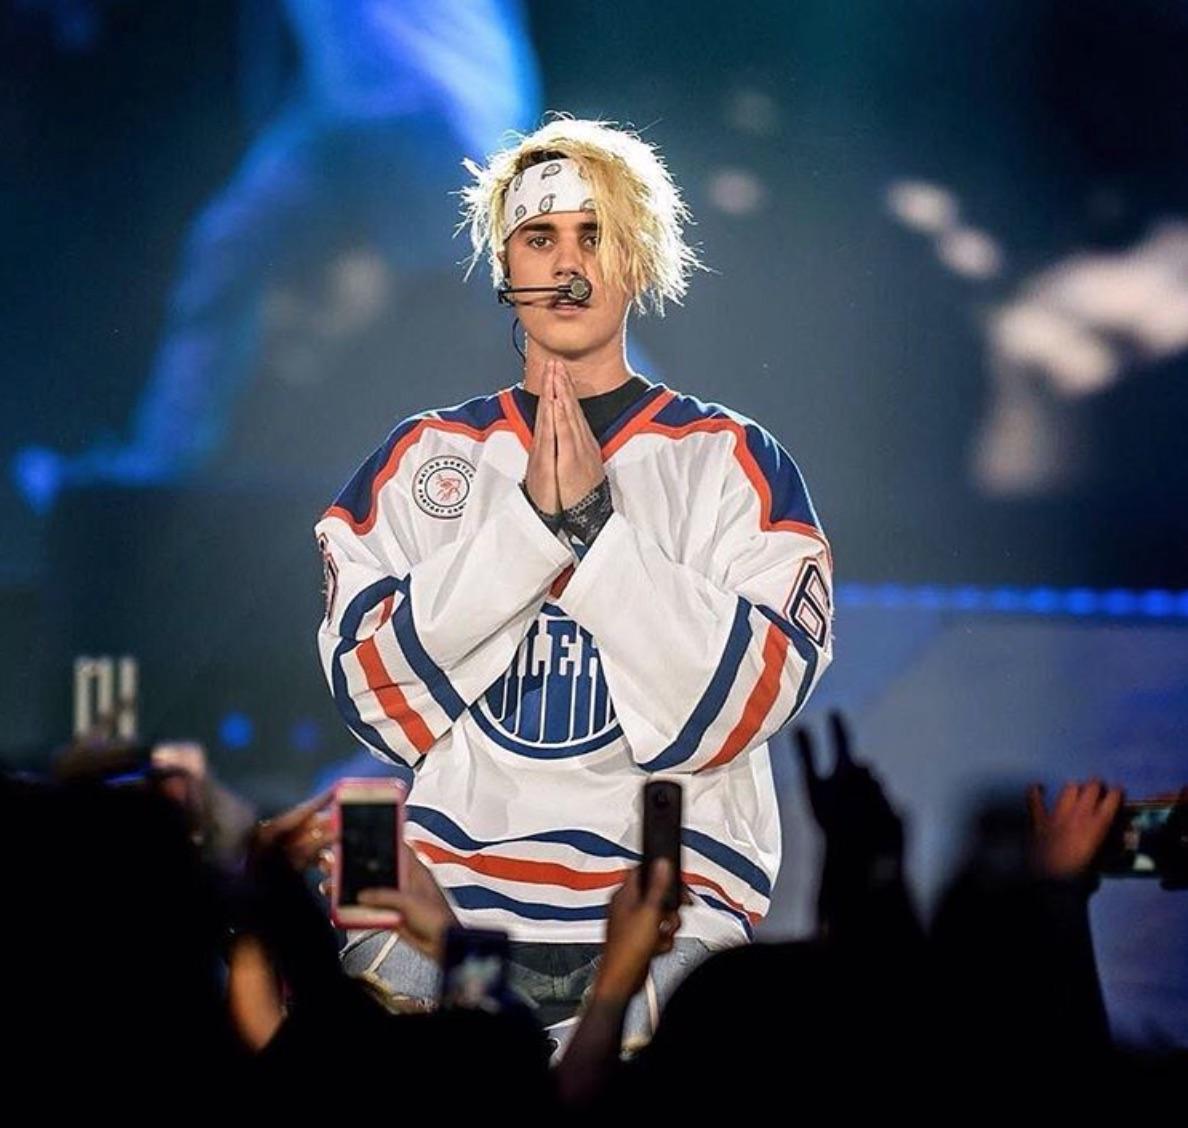 Justin Bieber's performs in Edmonton Oilers Jersey